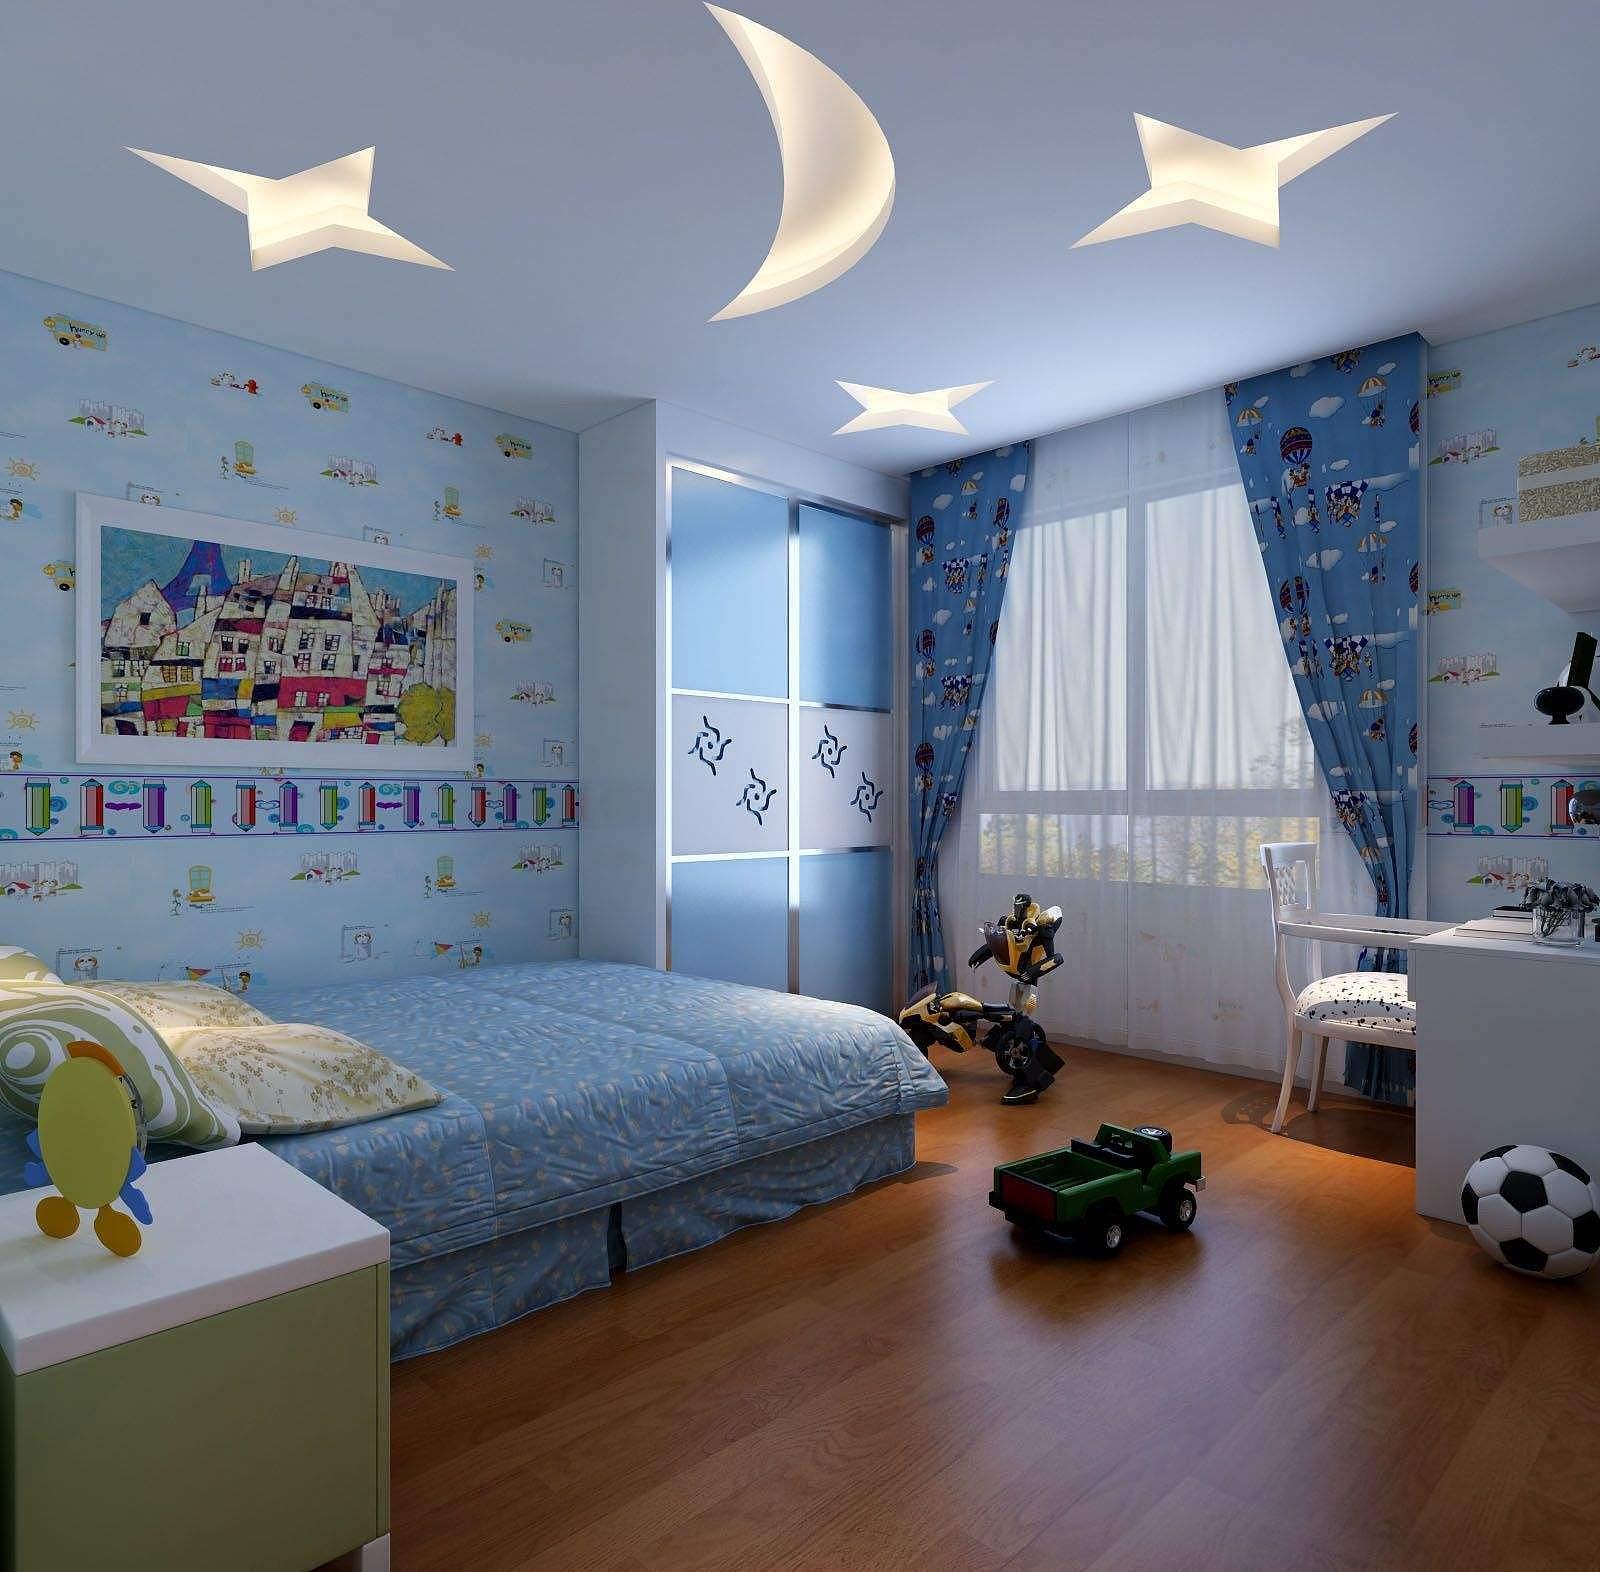 儿童房创意吊顶效果图 激发孩子无穷想象力